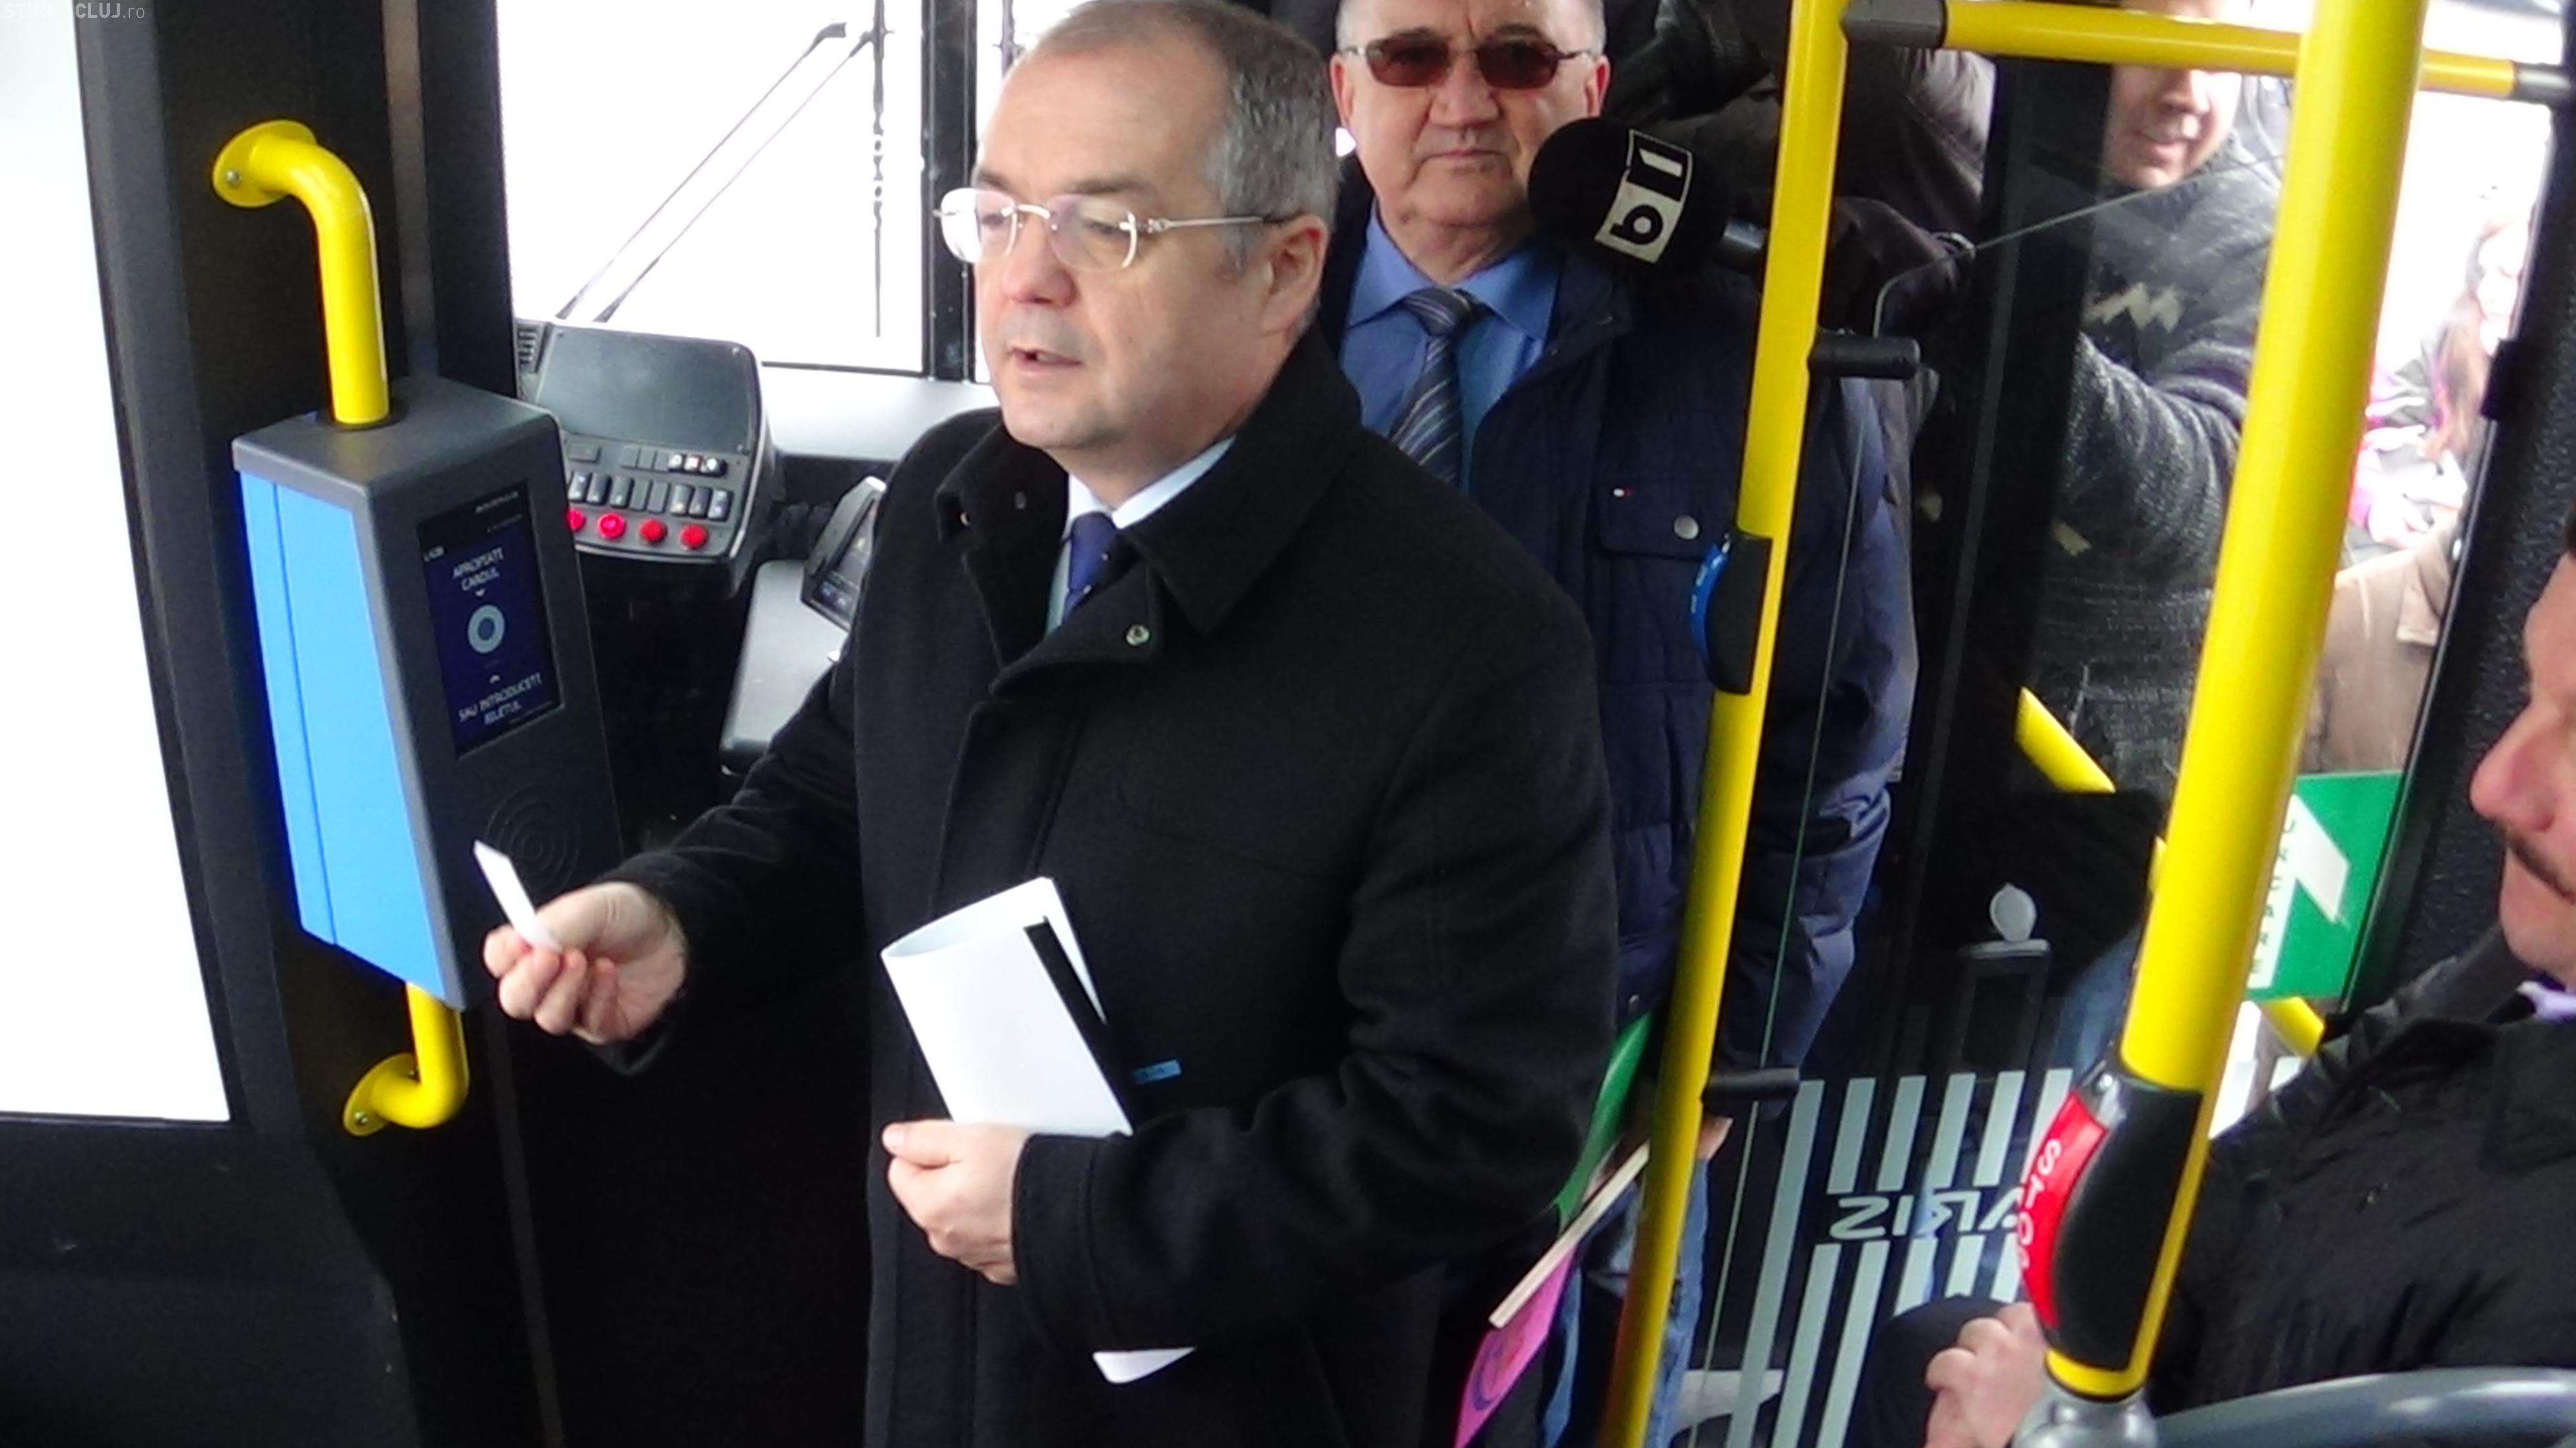 Boc: În 2015 vom cumpăra și troleibuze noi - VIDEO